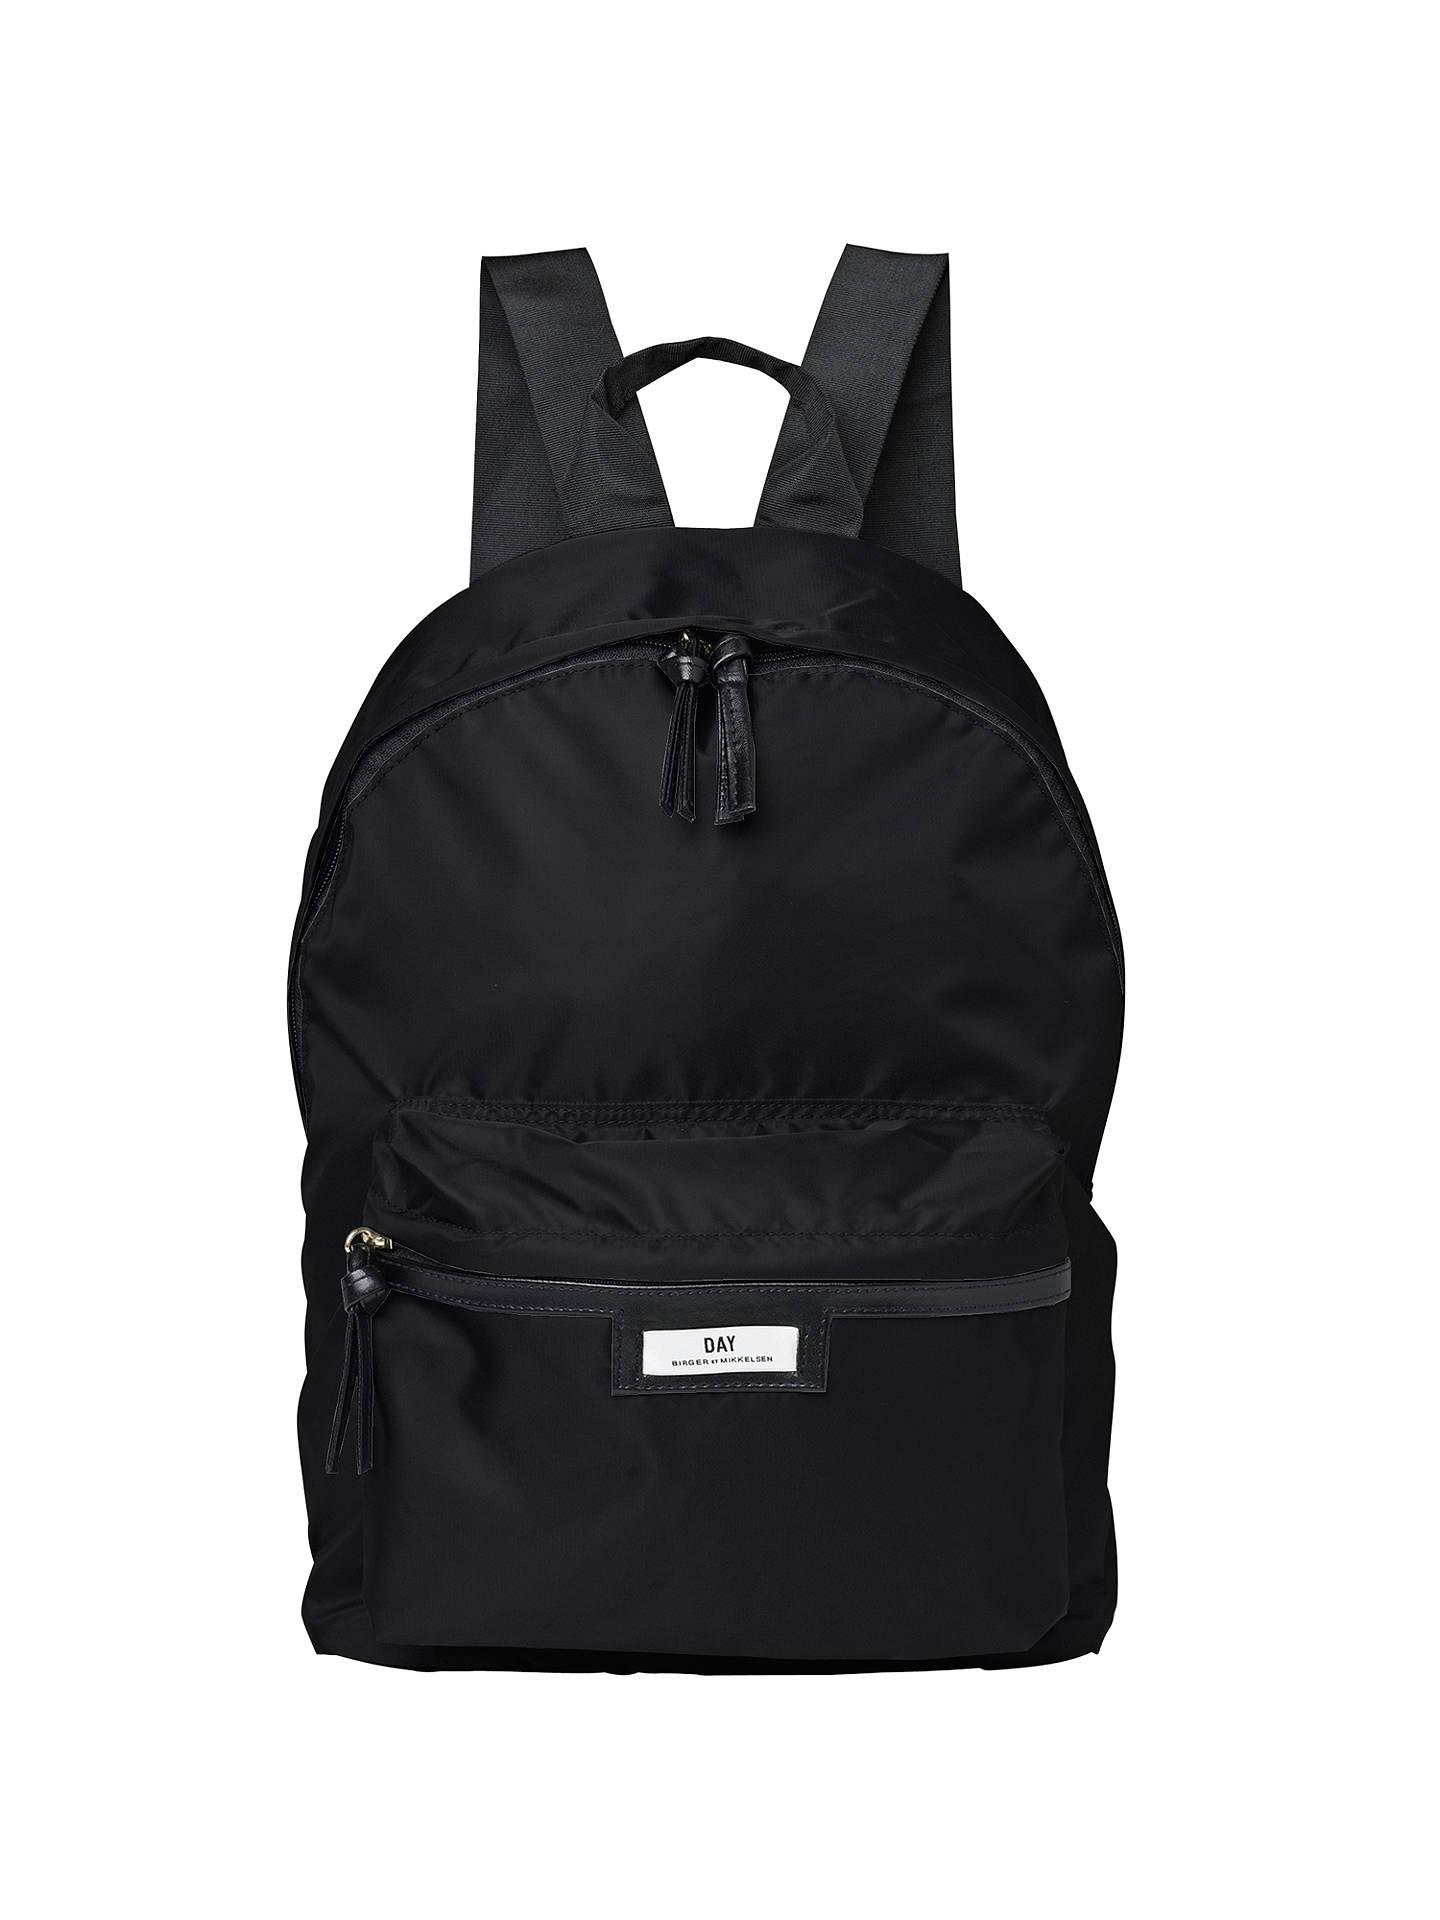 060c3fcca7a8 Buy Et DAY Birger et Mikkelsen Gweneth Backpack, Black Online at  johnlewis.com ...